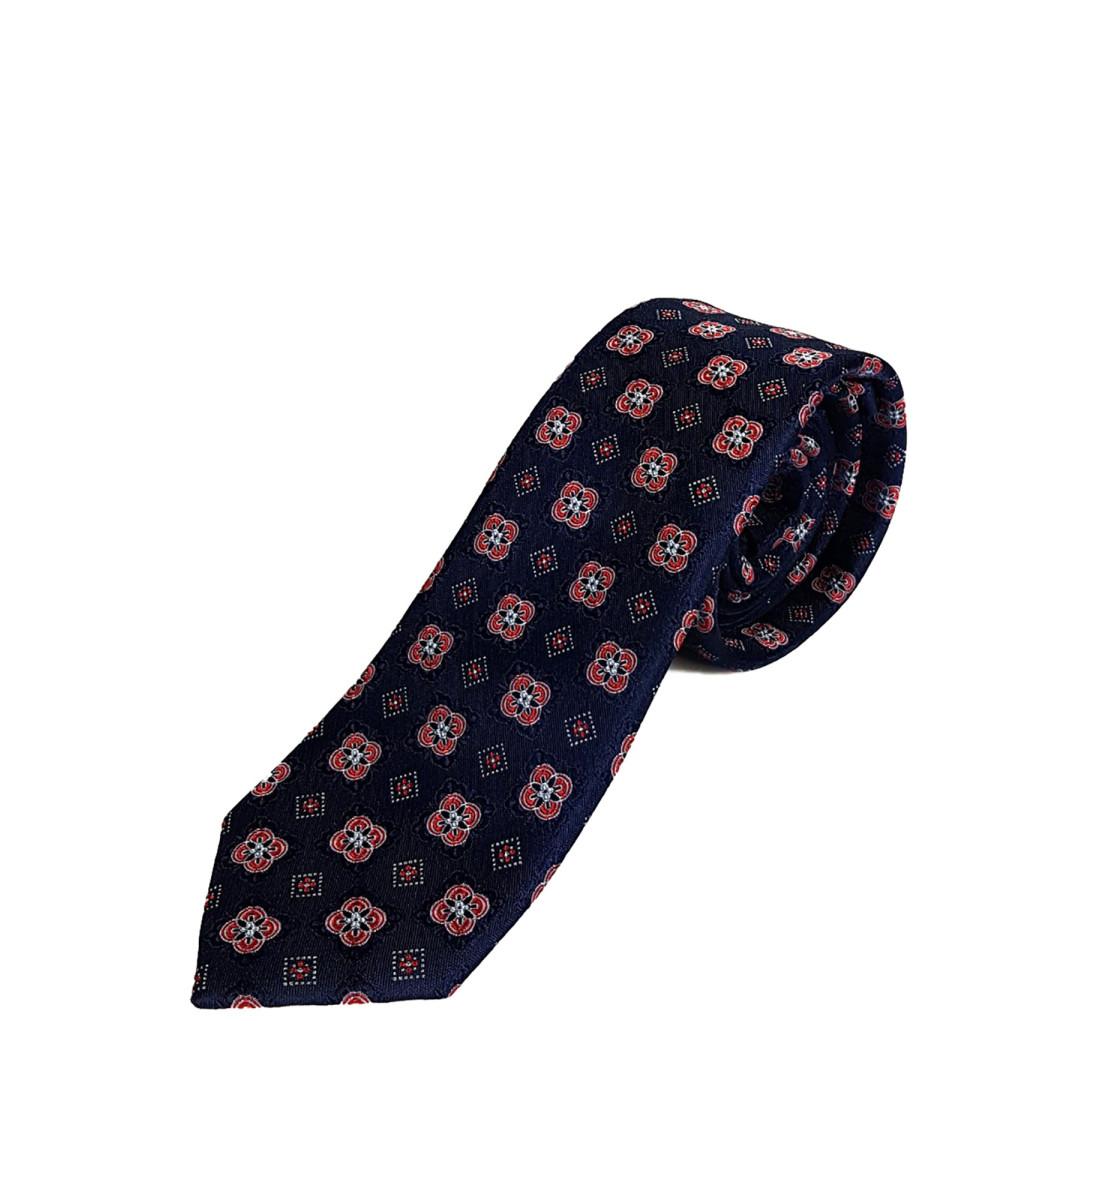 Cravate fine fantaisie 100% soie MARINE/ROUGE